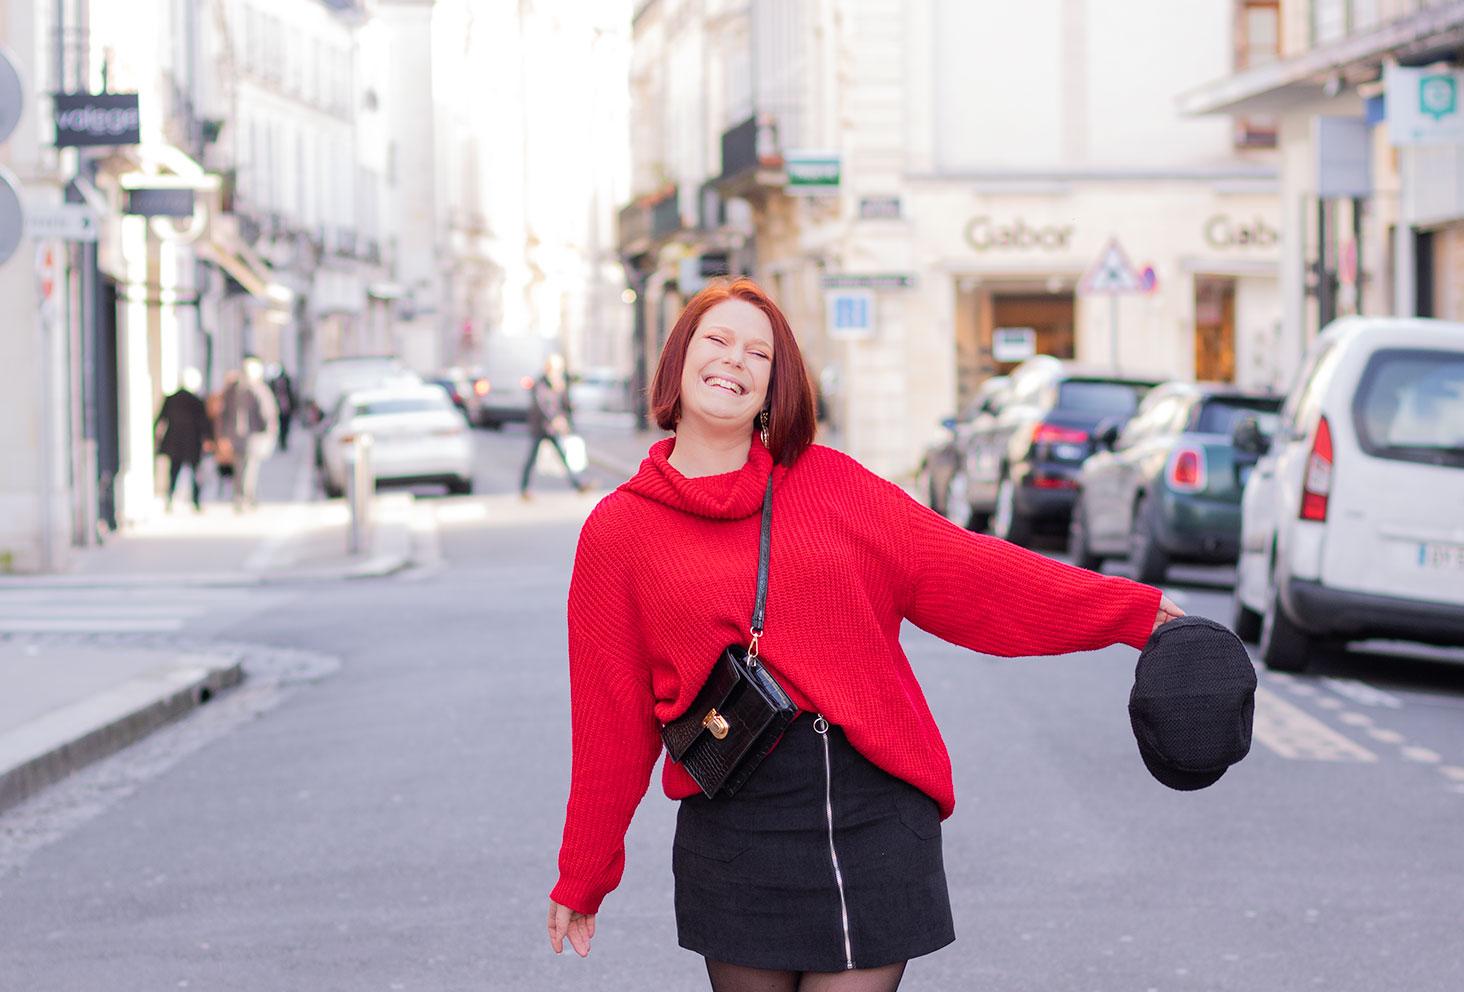 Dans la rue en pull rouge Shein, jupe noire en velours, avec une casquette dans la main et le sourire